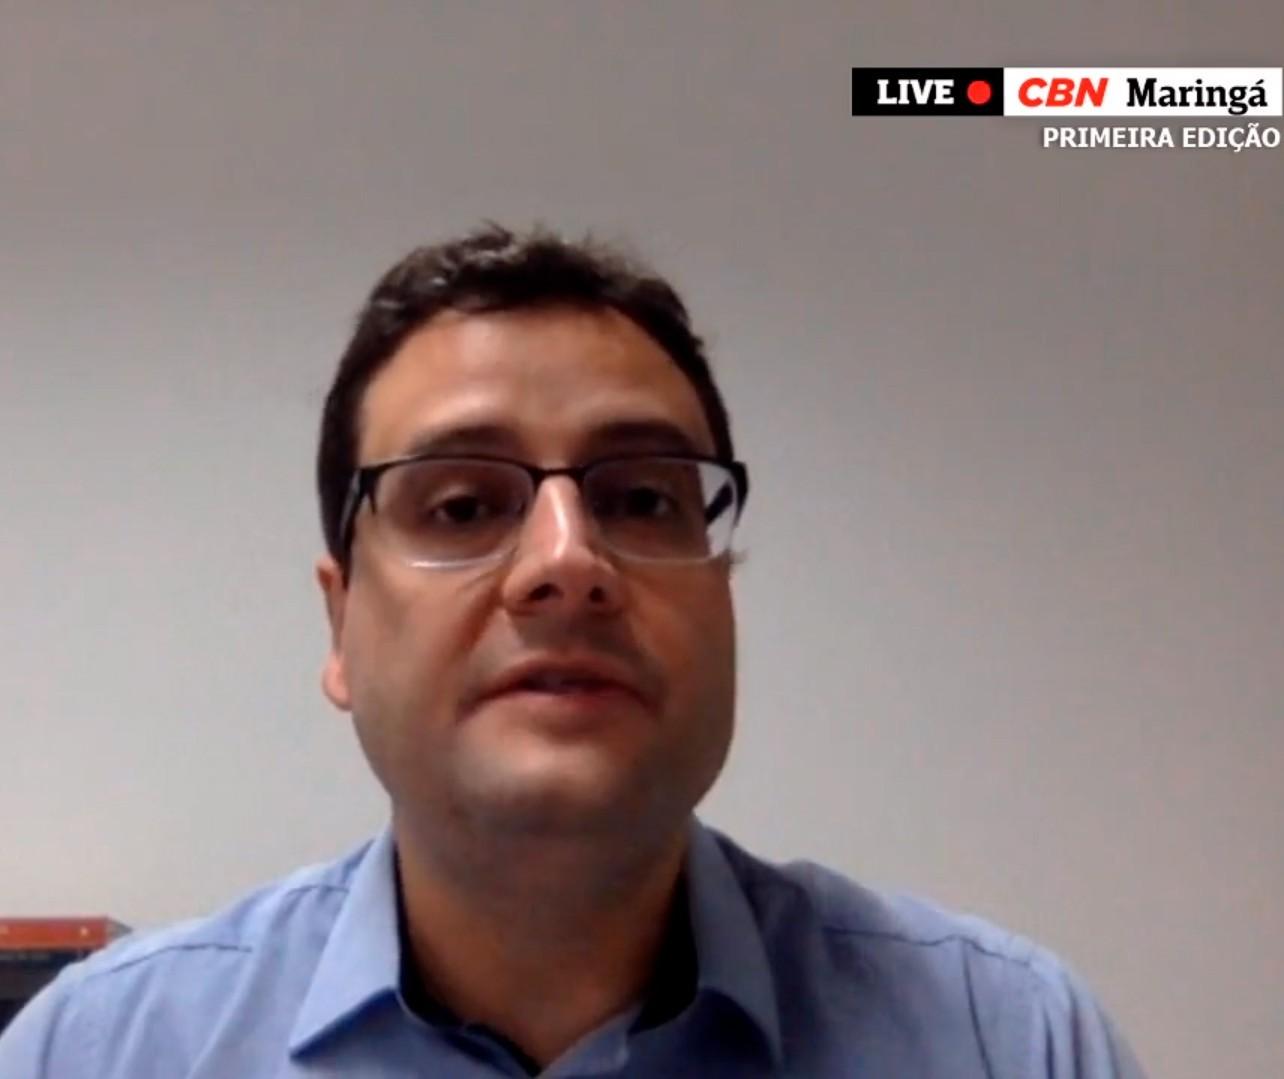 Falta de diálogo prejudicou as ações municipais diante da pandemia, diz pré-candidato Marchese